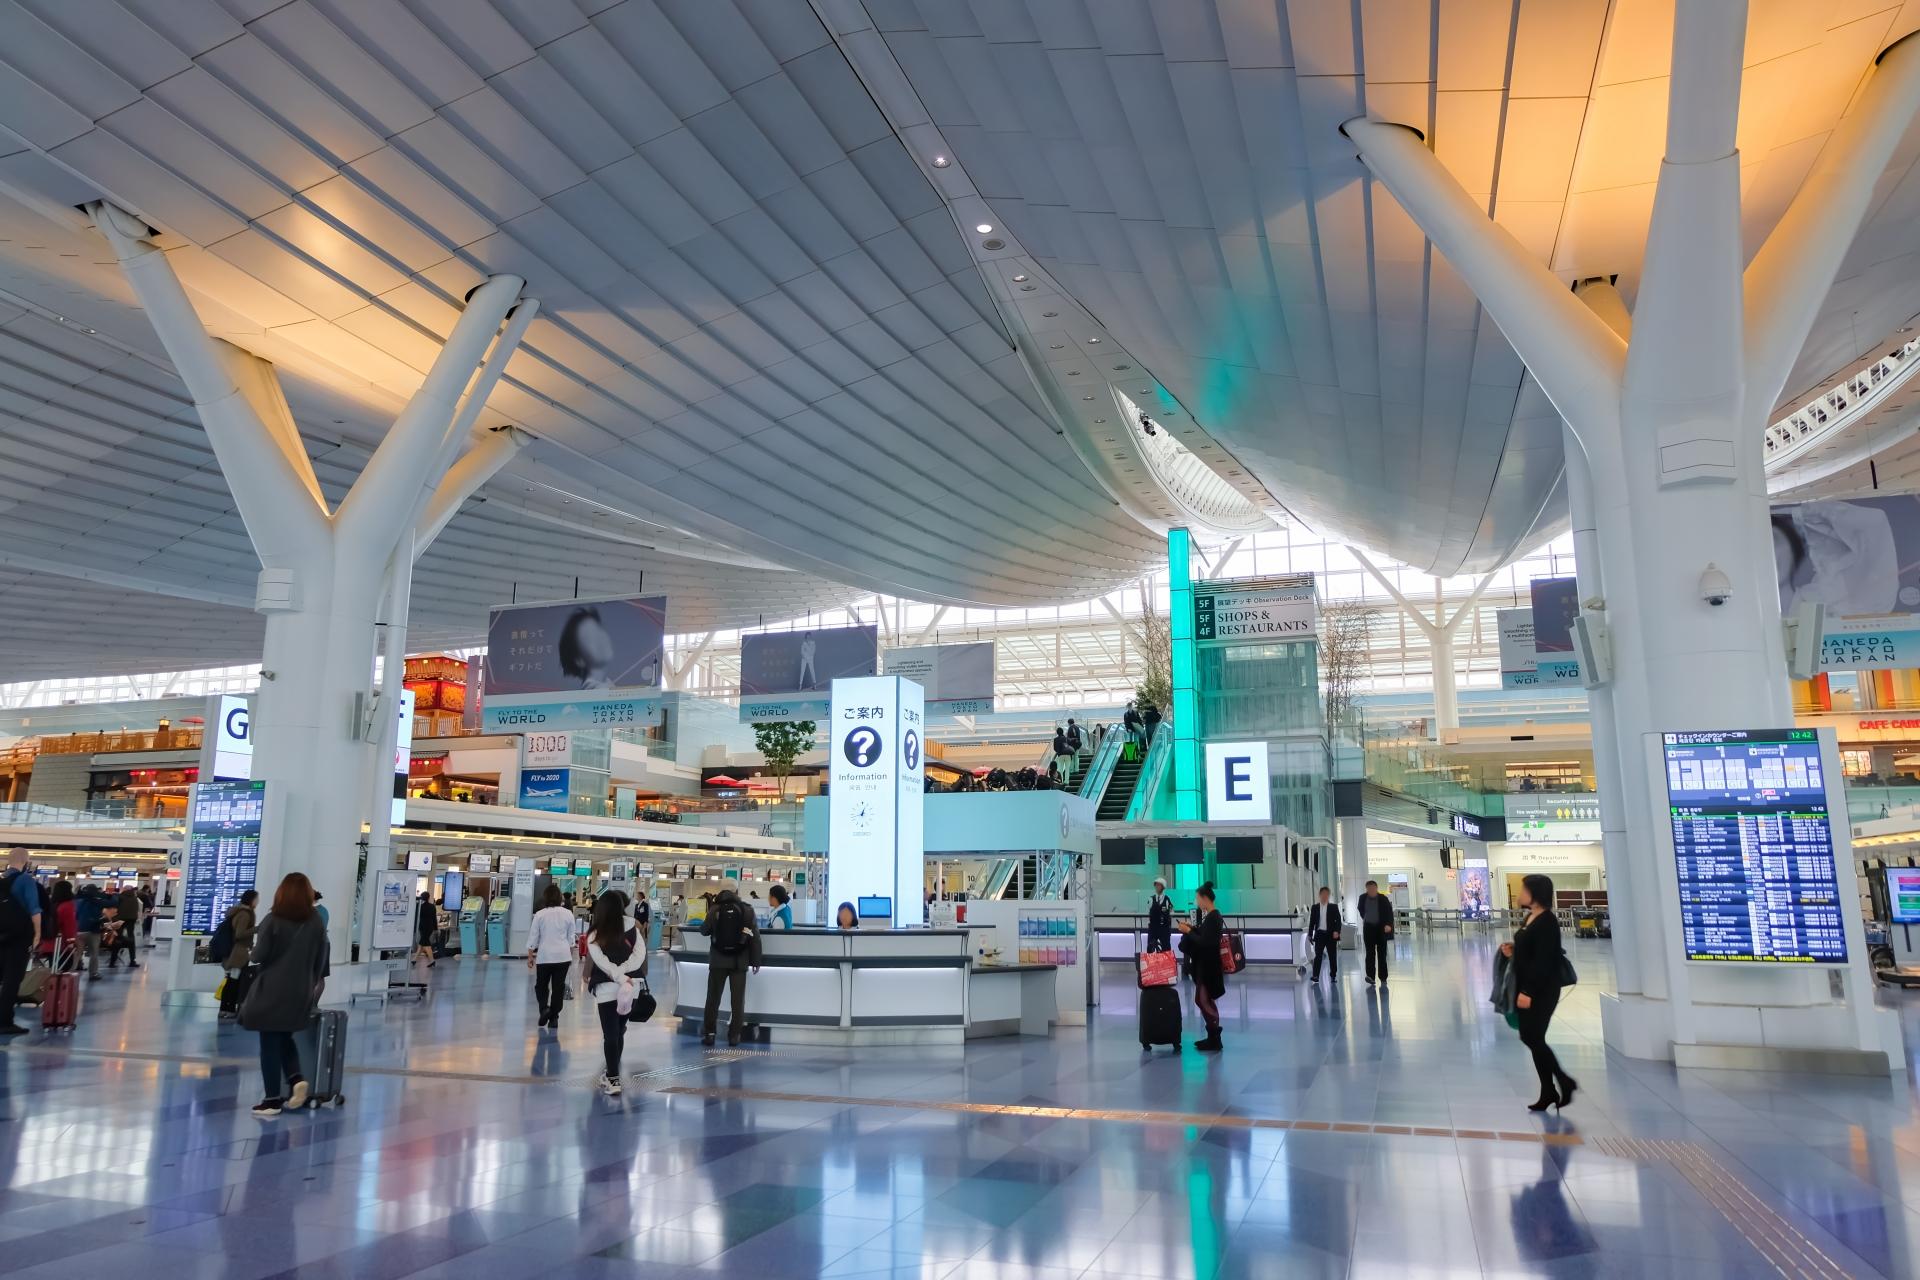 羽田空港や周辺で仮眠できる場所11選!おすすめの過ごし方もご紹介!